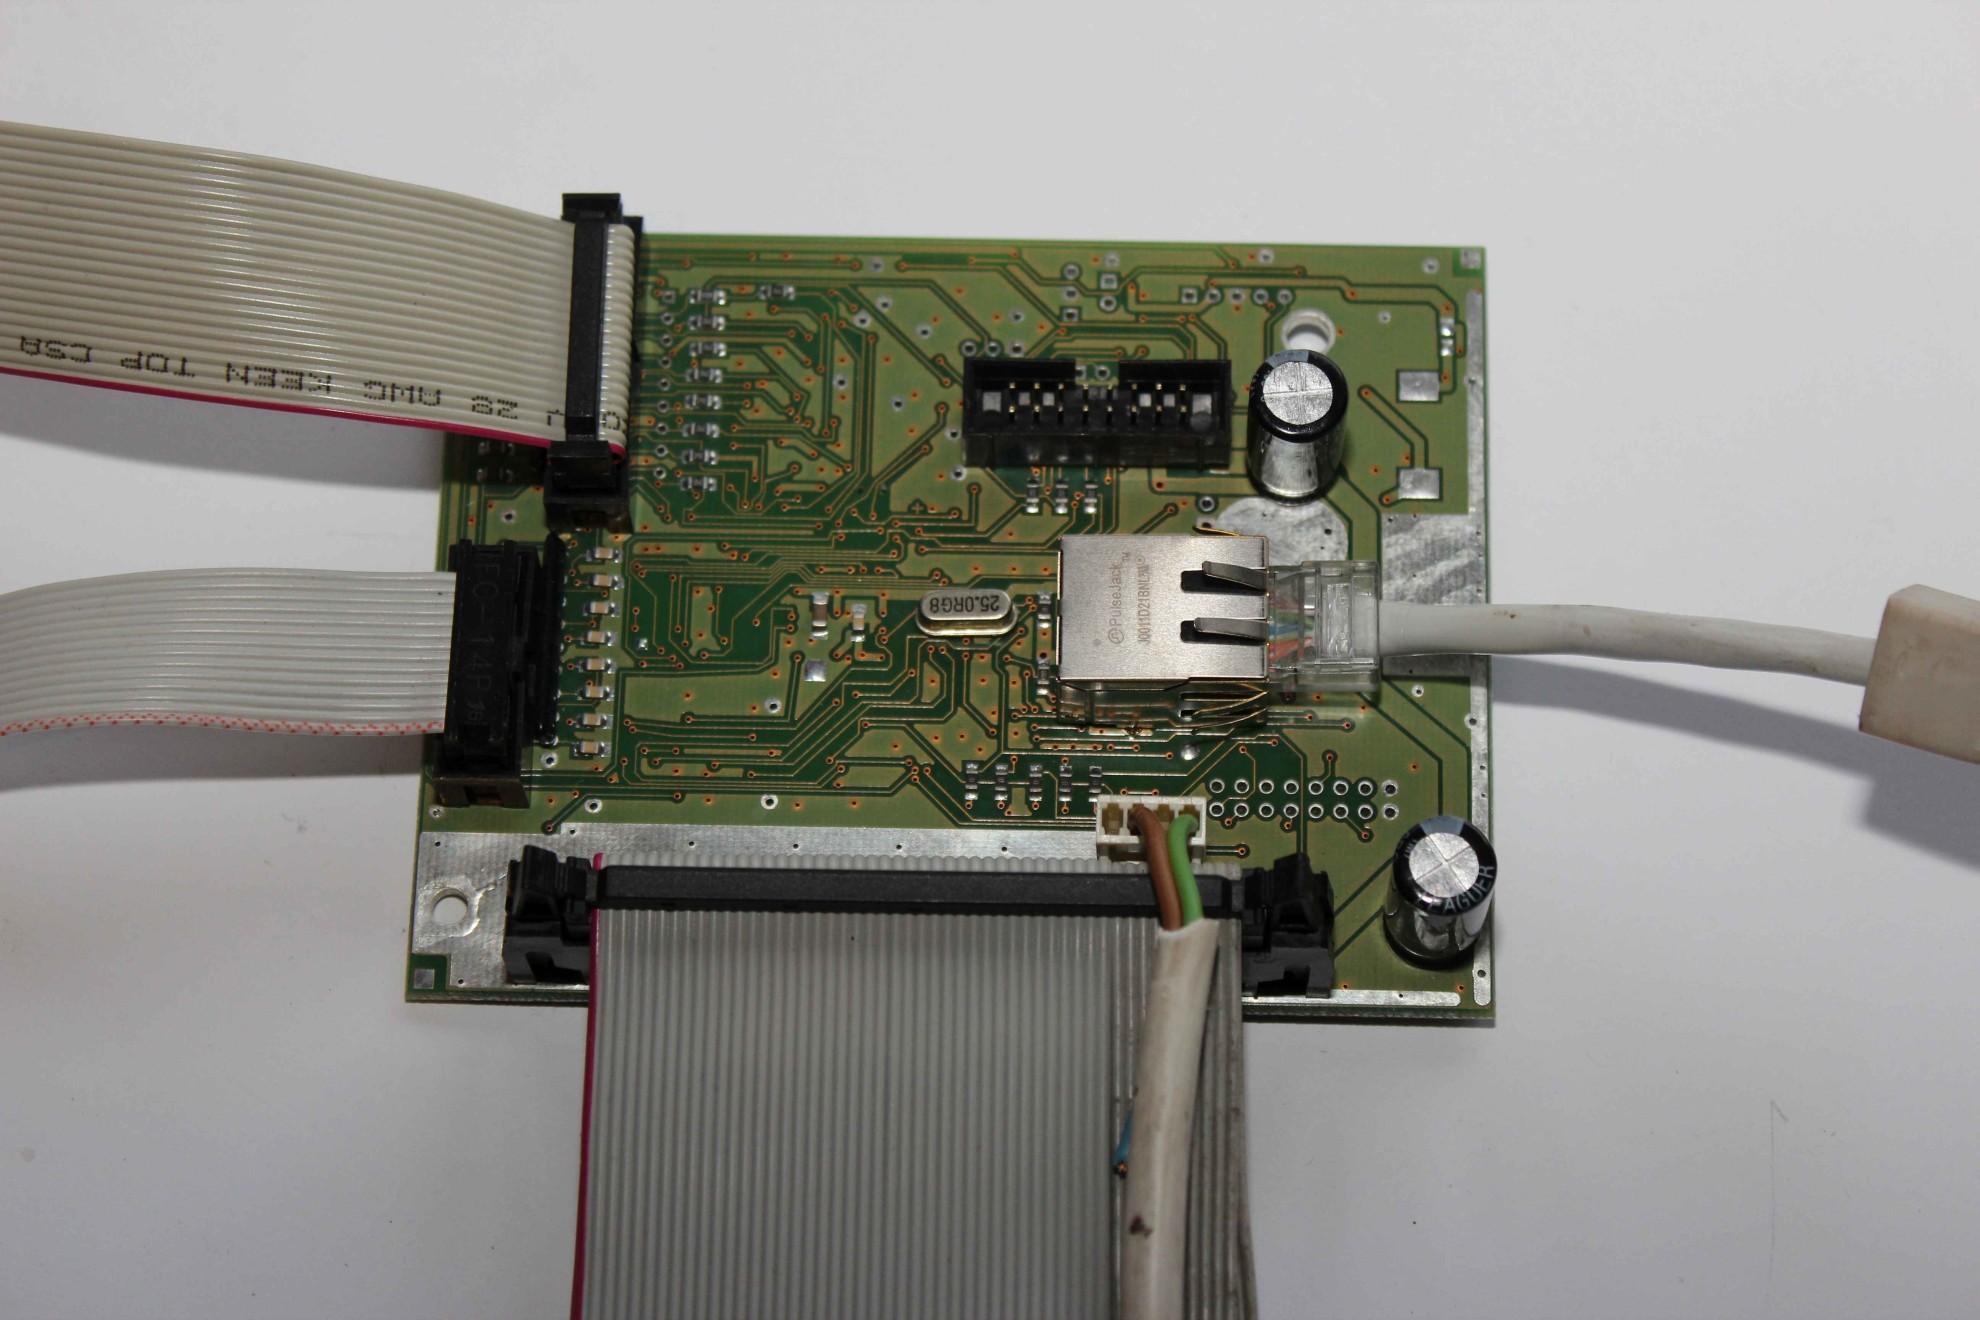 inteligentny budynek eHouse podłączenie wejść do EthernetRoomManagera